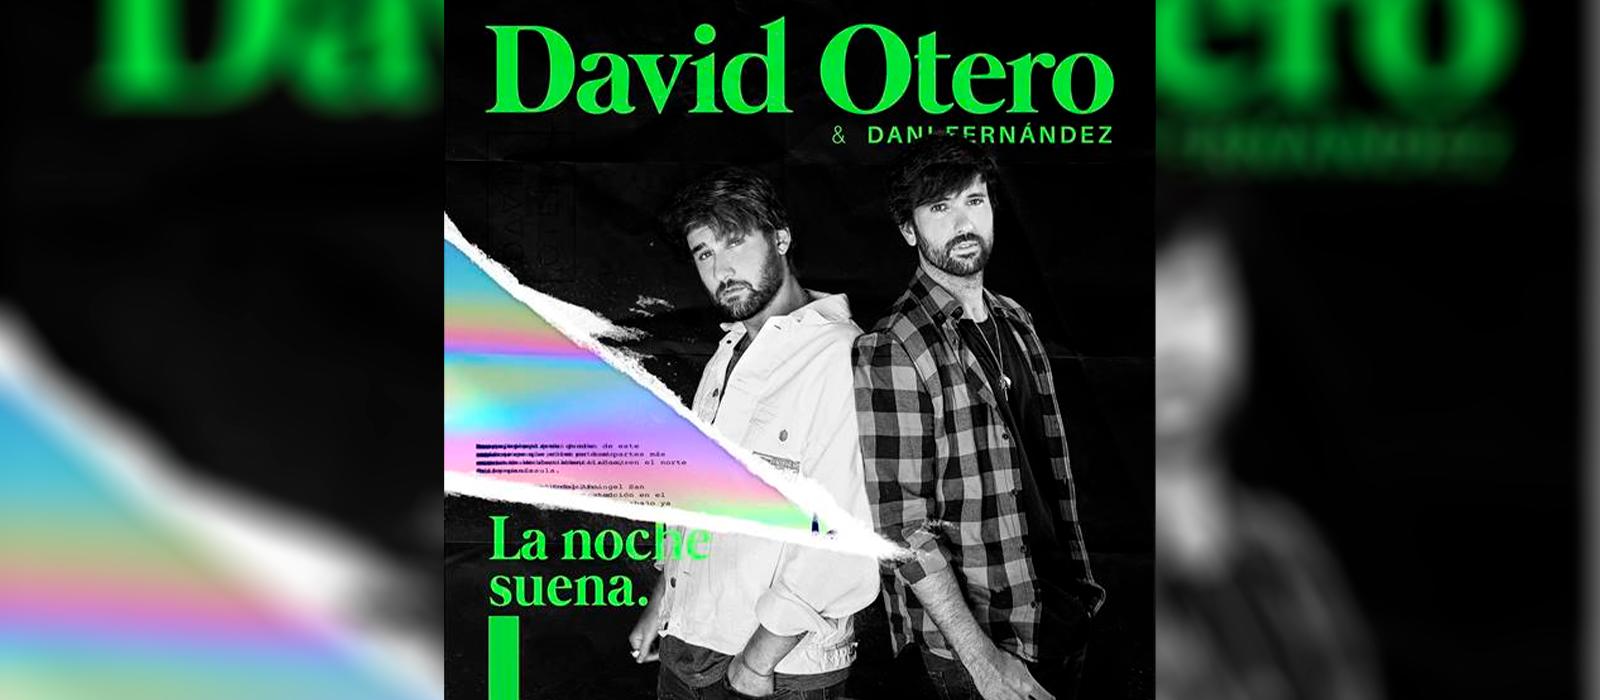 """DAVID OTERO SE UNE A DANI FERNANDEZ EN SU NUEVO SINGLE """"LA NOCHE SUENA"""""""